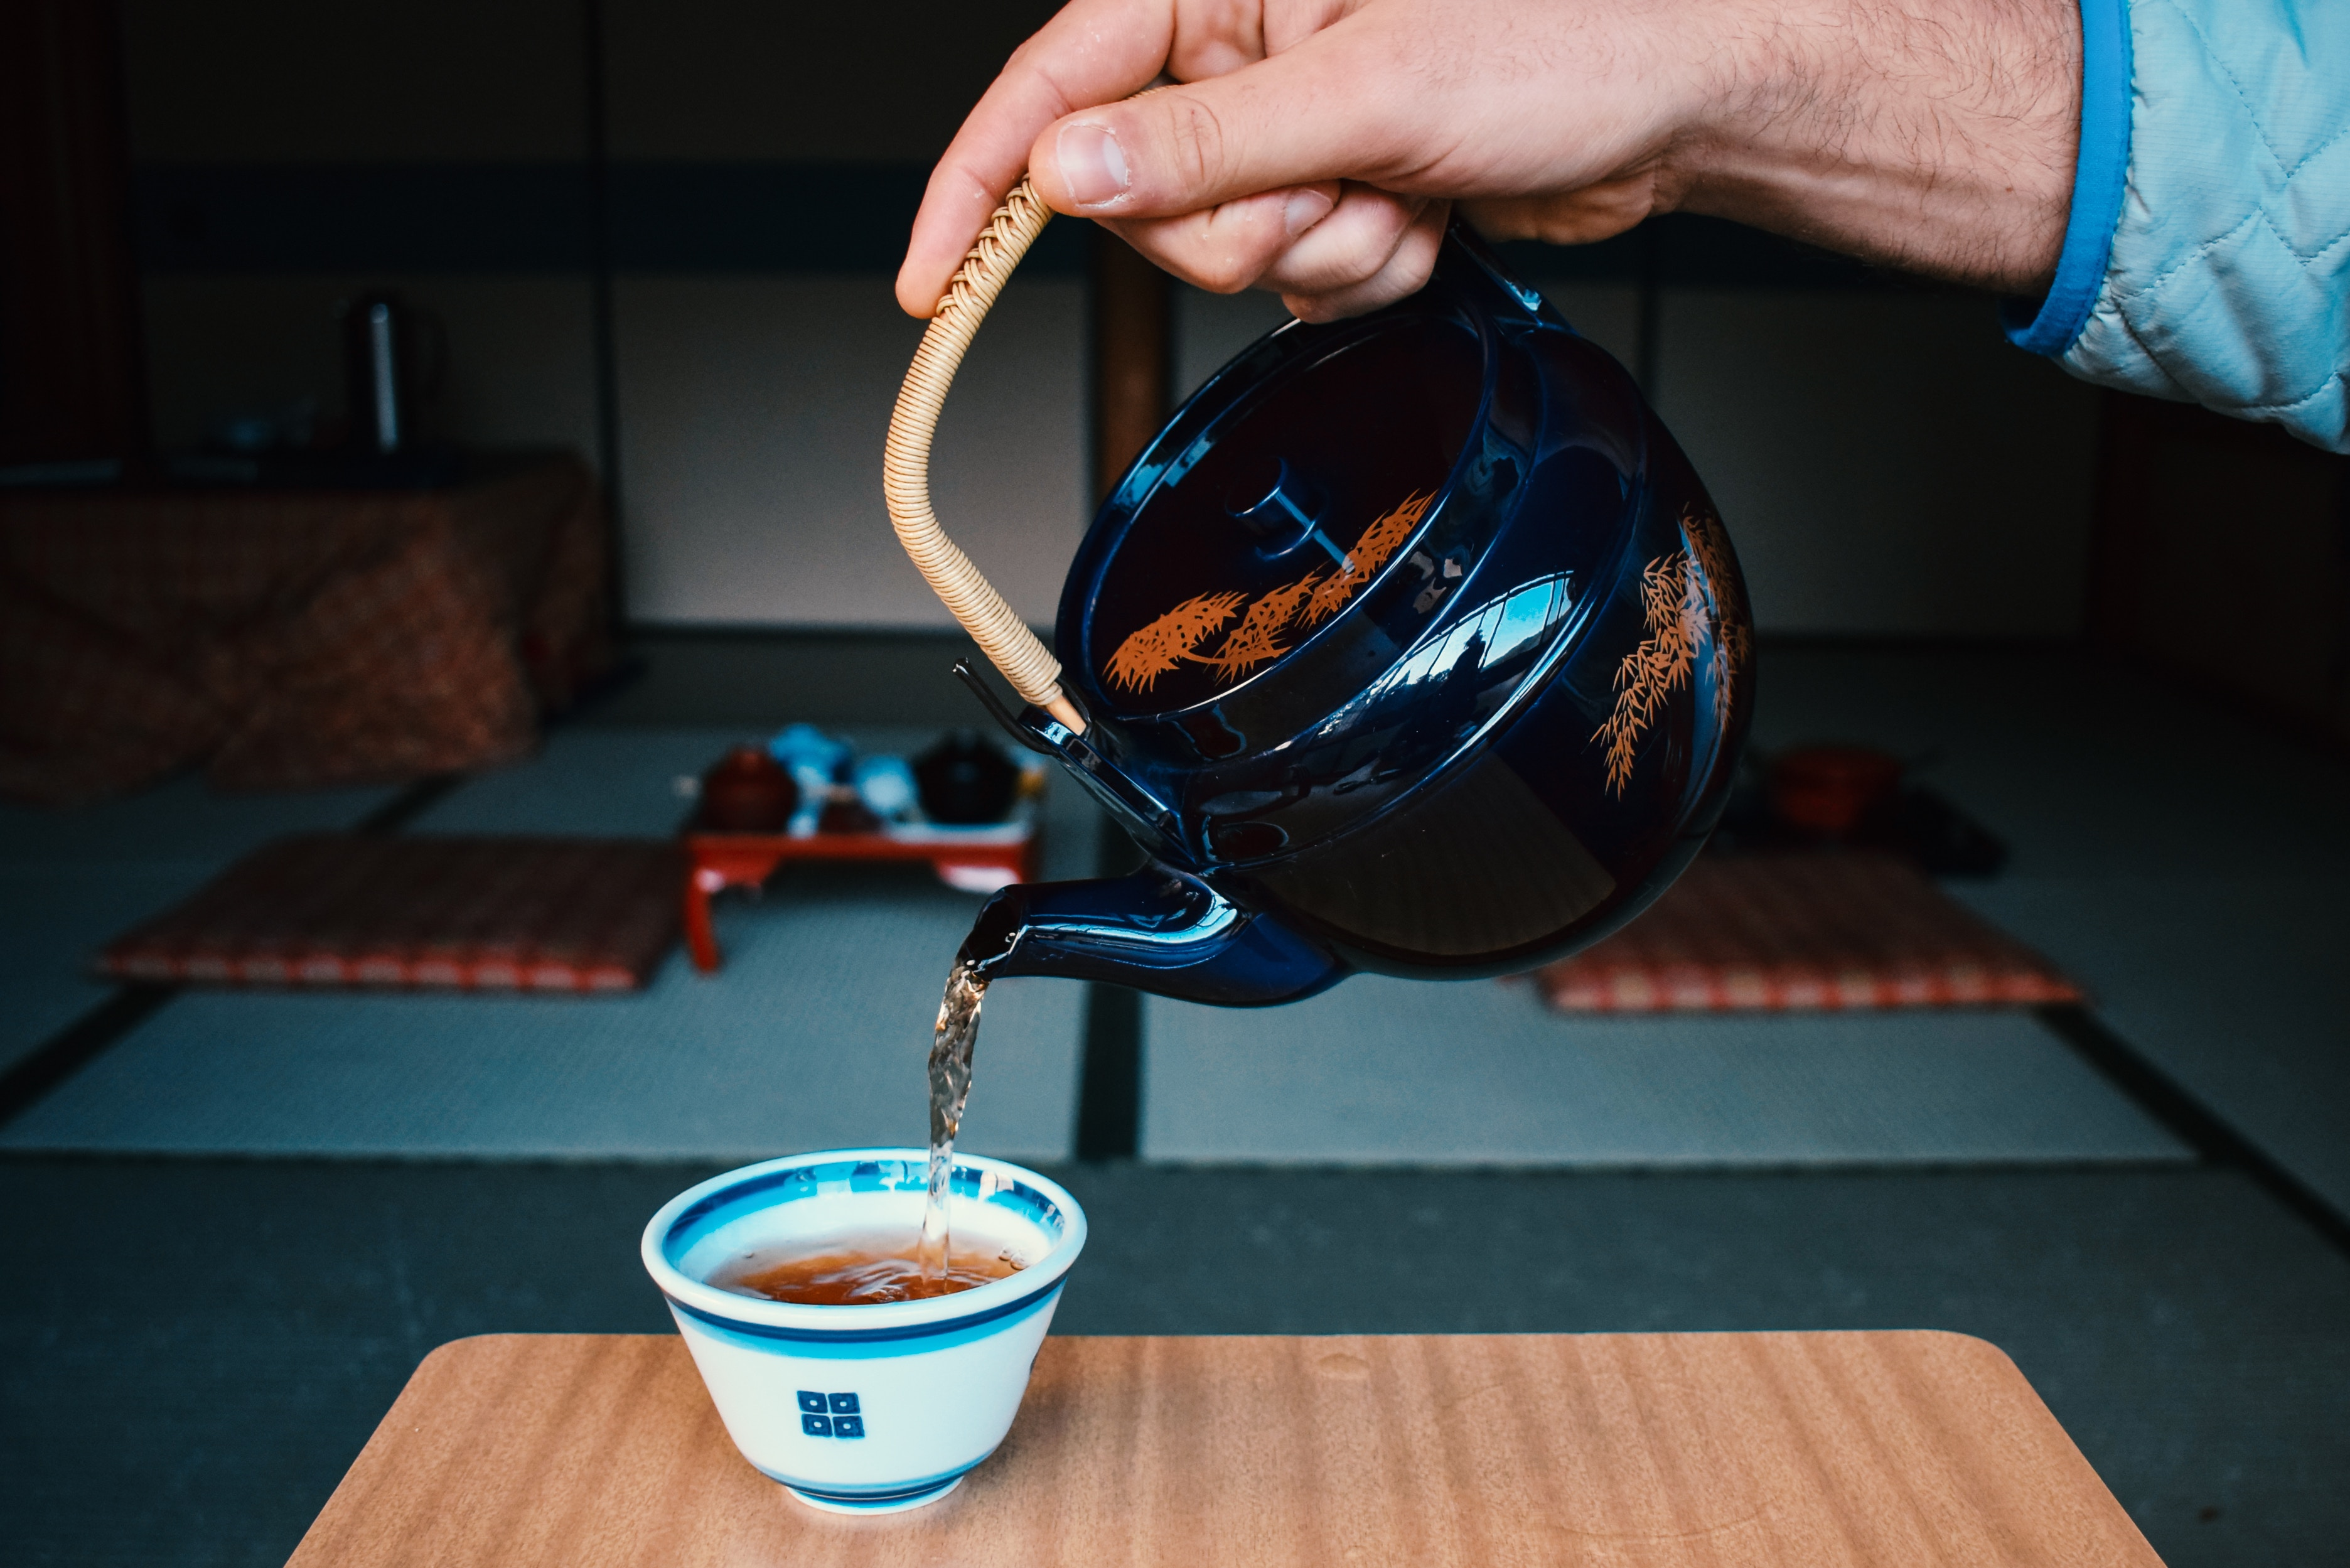 une main verse du thé dans une tasse avec service asiatique conte la tasse de thé conte